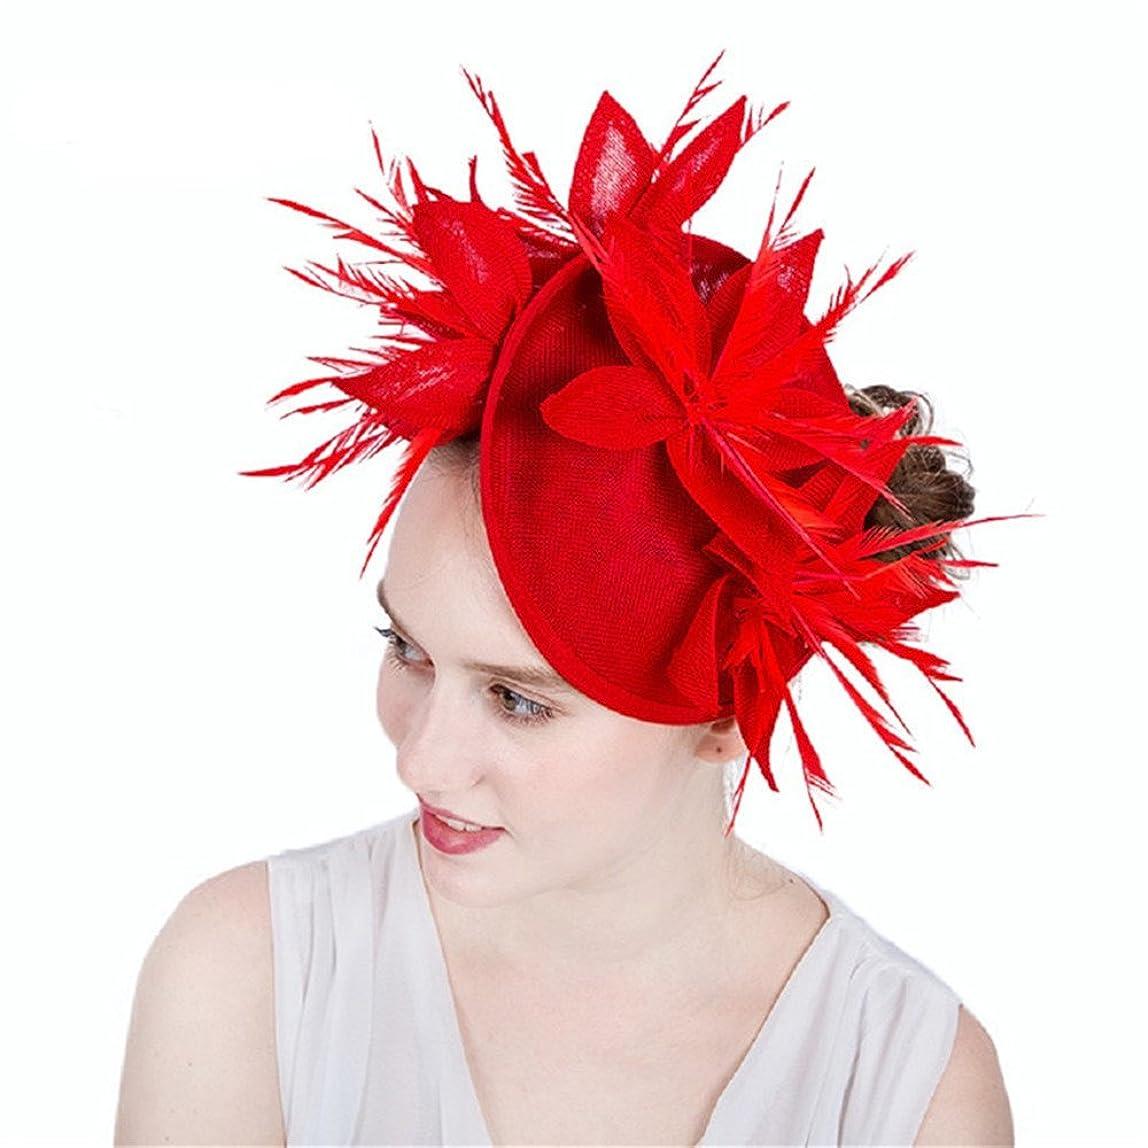 設計図ペナルティ空女性の魅力的な帽子 女性の女性Sinamay魅惑的な帽子カクテルティーパーティー帽子ピルボックス帽子ダービー帽子ホールド結婚式の試合ロイヤルアスコットライブパフォーマンス (色 : 濃紺)